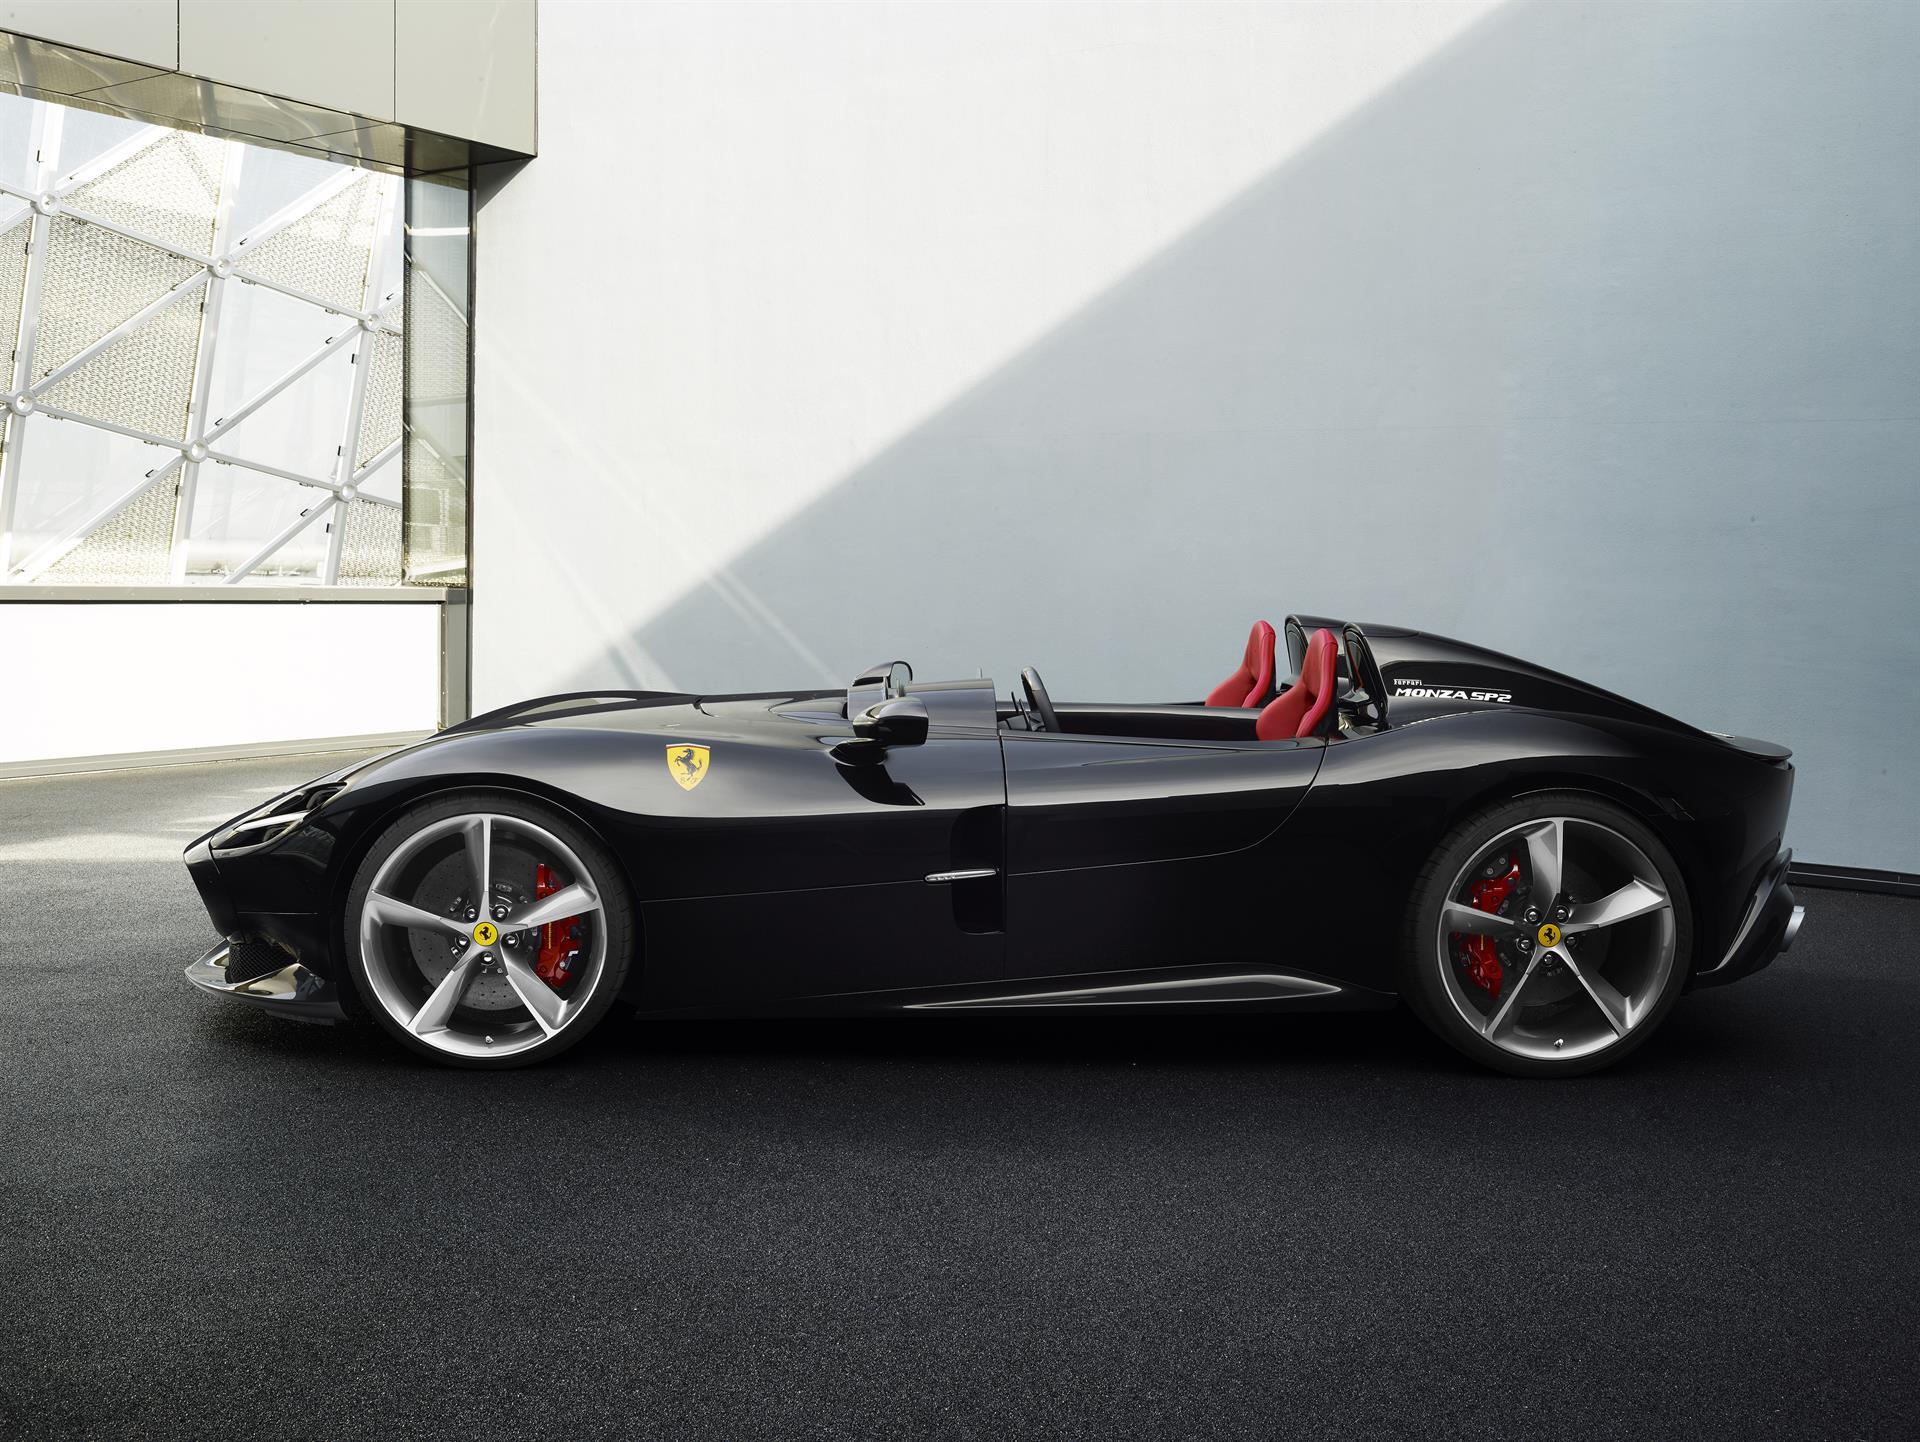 Ferrari Monza SP2 - Mooiste Supercar van 2018